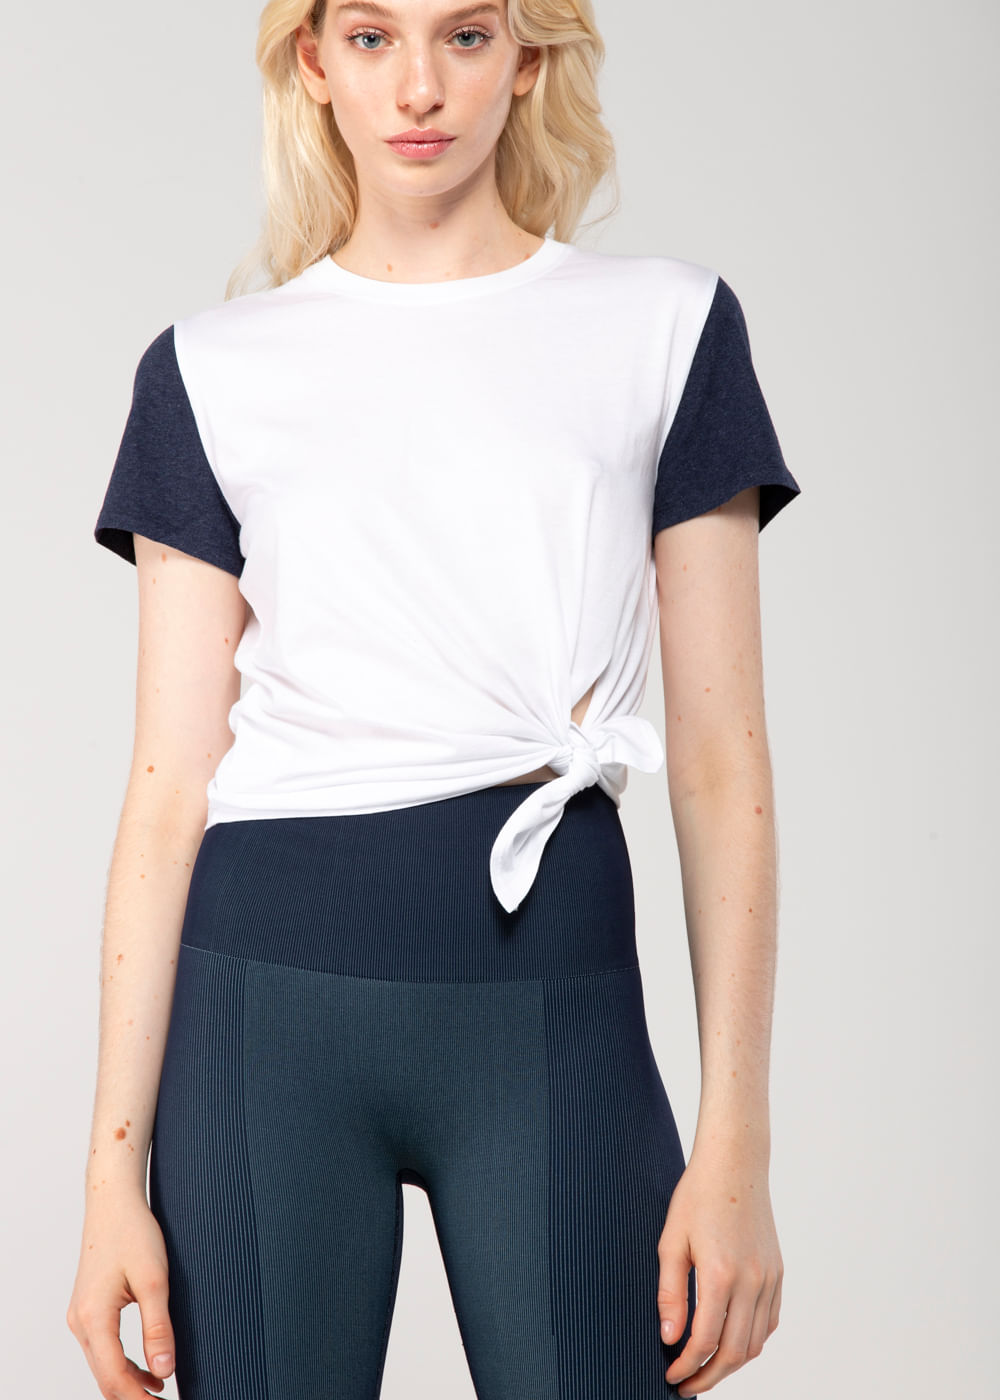 Camiseta De Algodão Esportiva Tuck Branca Branca G